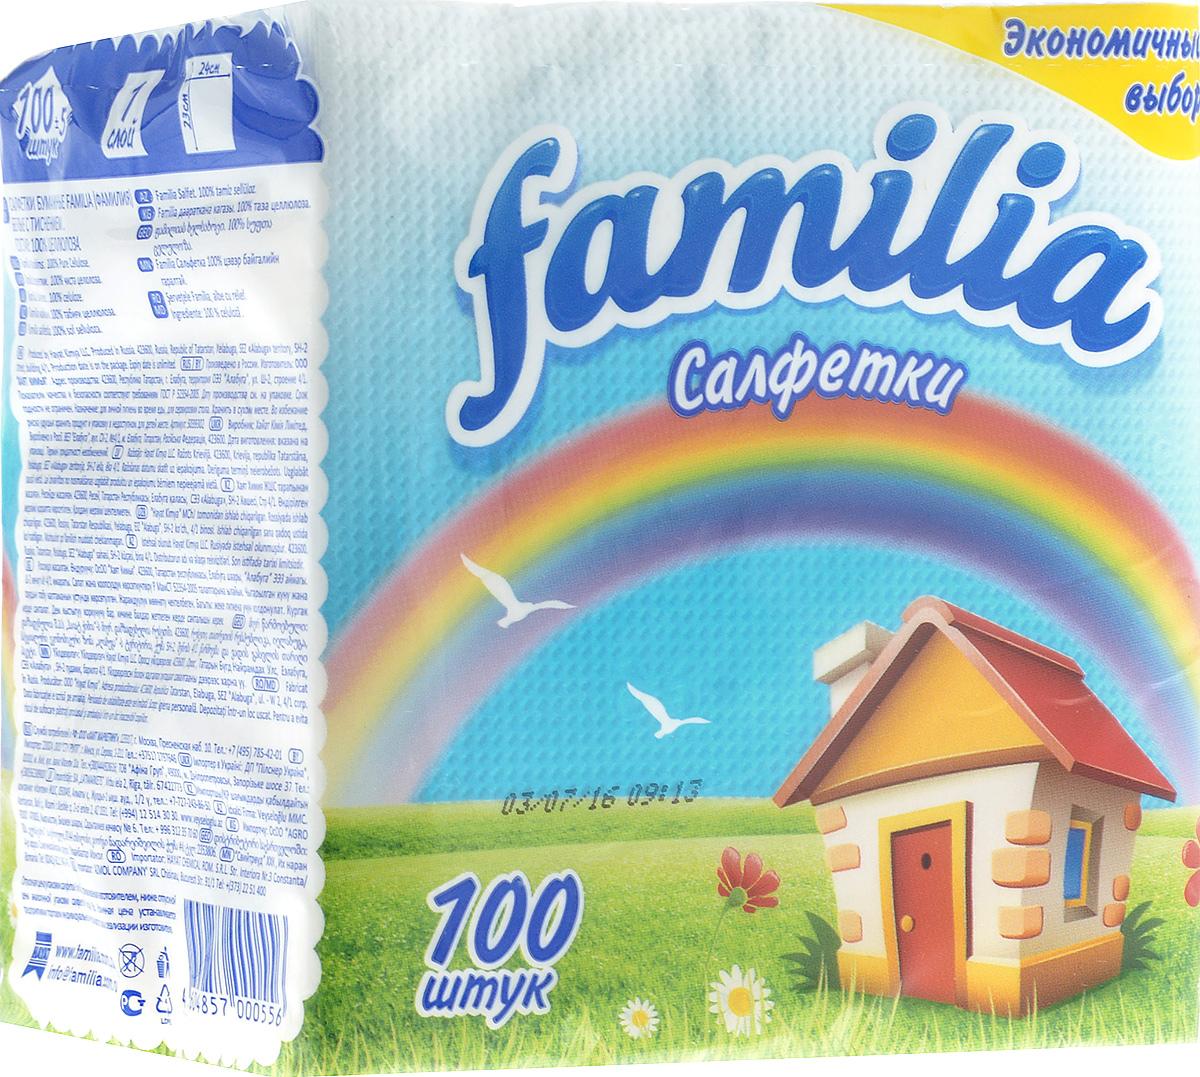 Салфетки бумажные Familia Радуга, однослойные, 23 х 24 см, 100 шт787502Однослойные бумажные салфетки Familia Радуга мягкие, но в то же время прочные. Изделия выполнены из первичного волокна (100% целлюлоза). Они подходят для косметического, санитарно-гигиенического и хозяйственного назначения. Обладают хорошими впитывающими свойствами. Салфетки красиво оформят сервировку стола. Размер салфетки: 23 х 24 см. Количество слоев: 1.